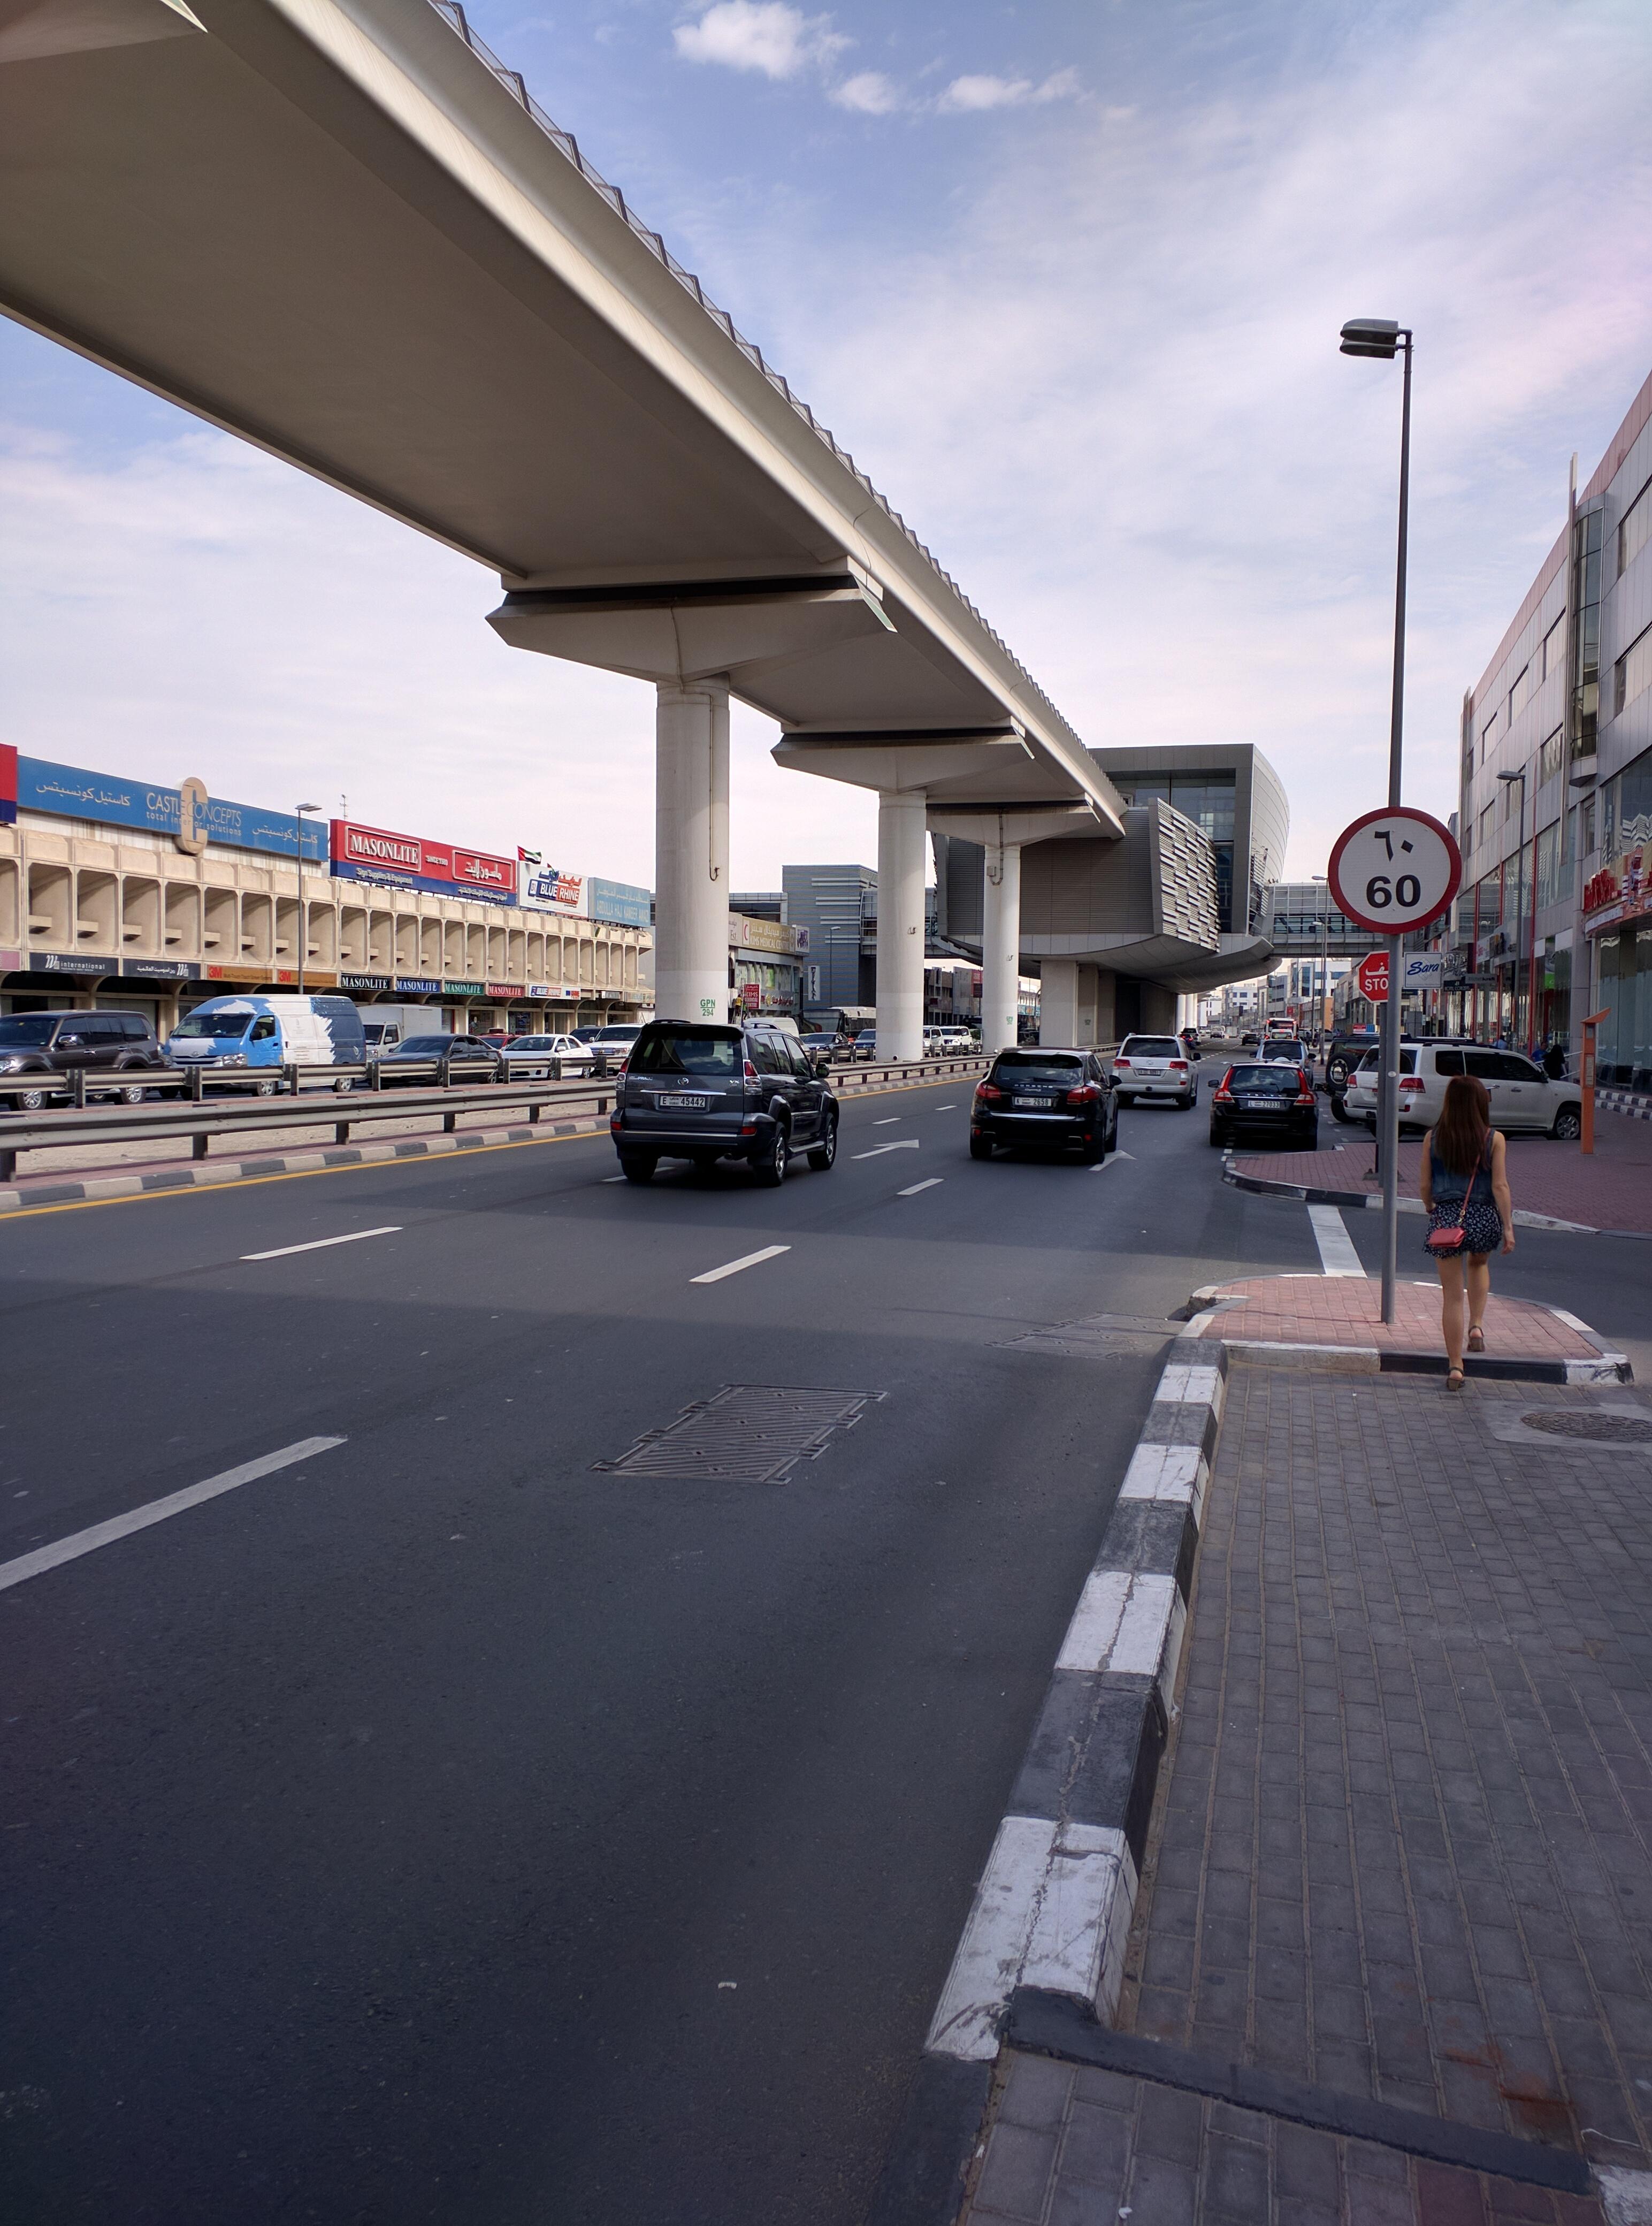 «Арабская жемчужина» или как мы удивлялись дорогам и транспорту в Дубае 2